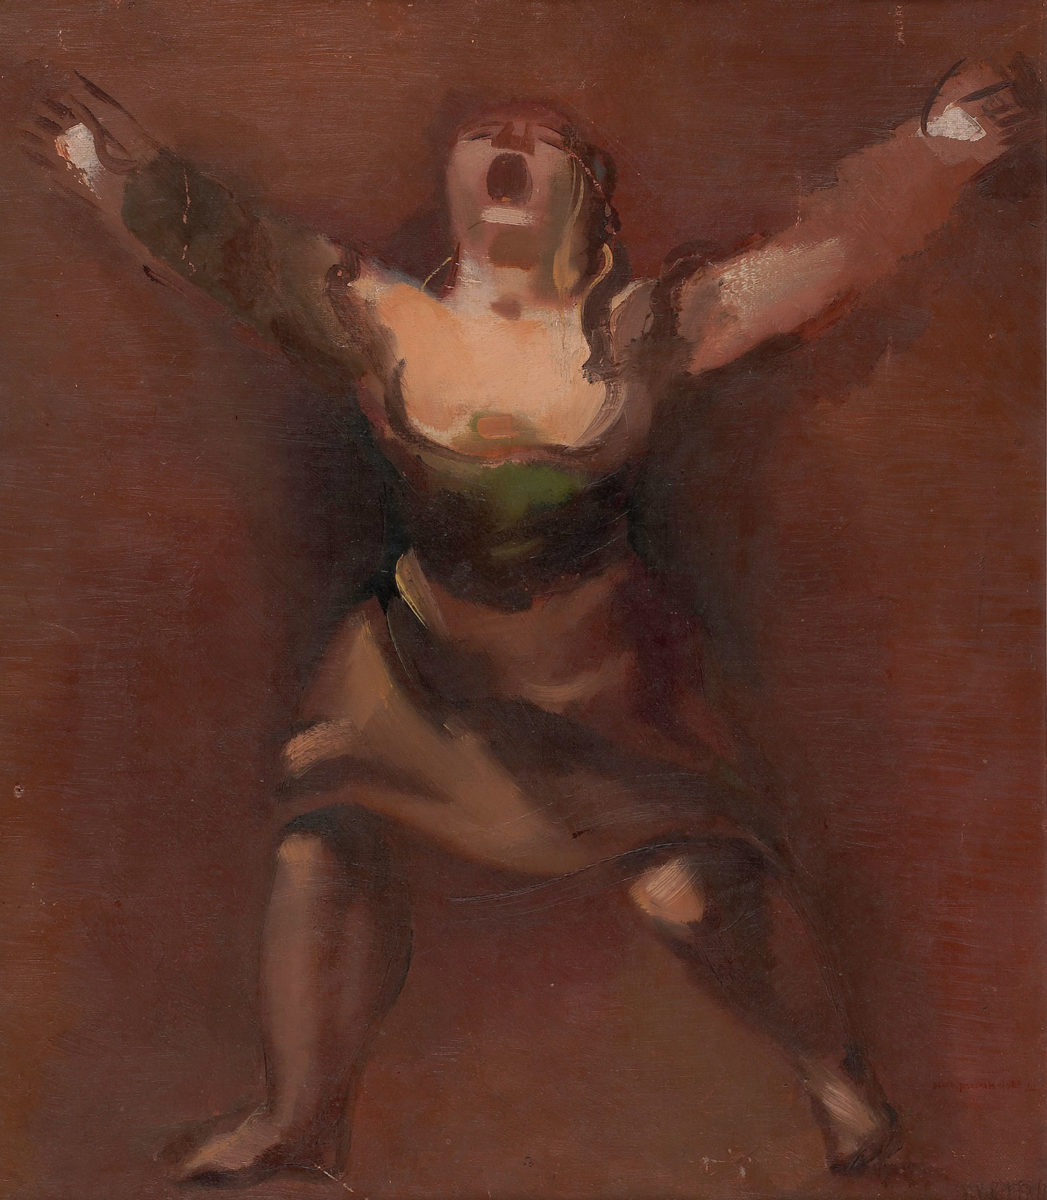 Σολομών Νικρίτιν, «Γυναίκα που ουρλιάζει», 1928, λάδι σε καμβά, 60,7x51,8 εκ. (Πηγή: ΚΜΣΤ-Συλλογή Κωστάκη).